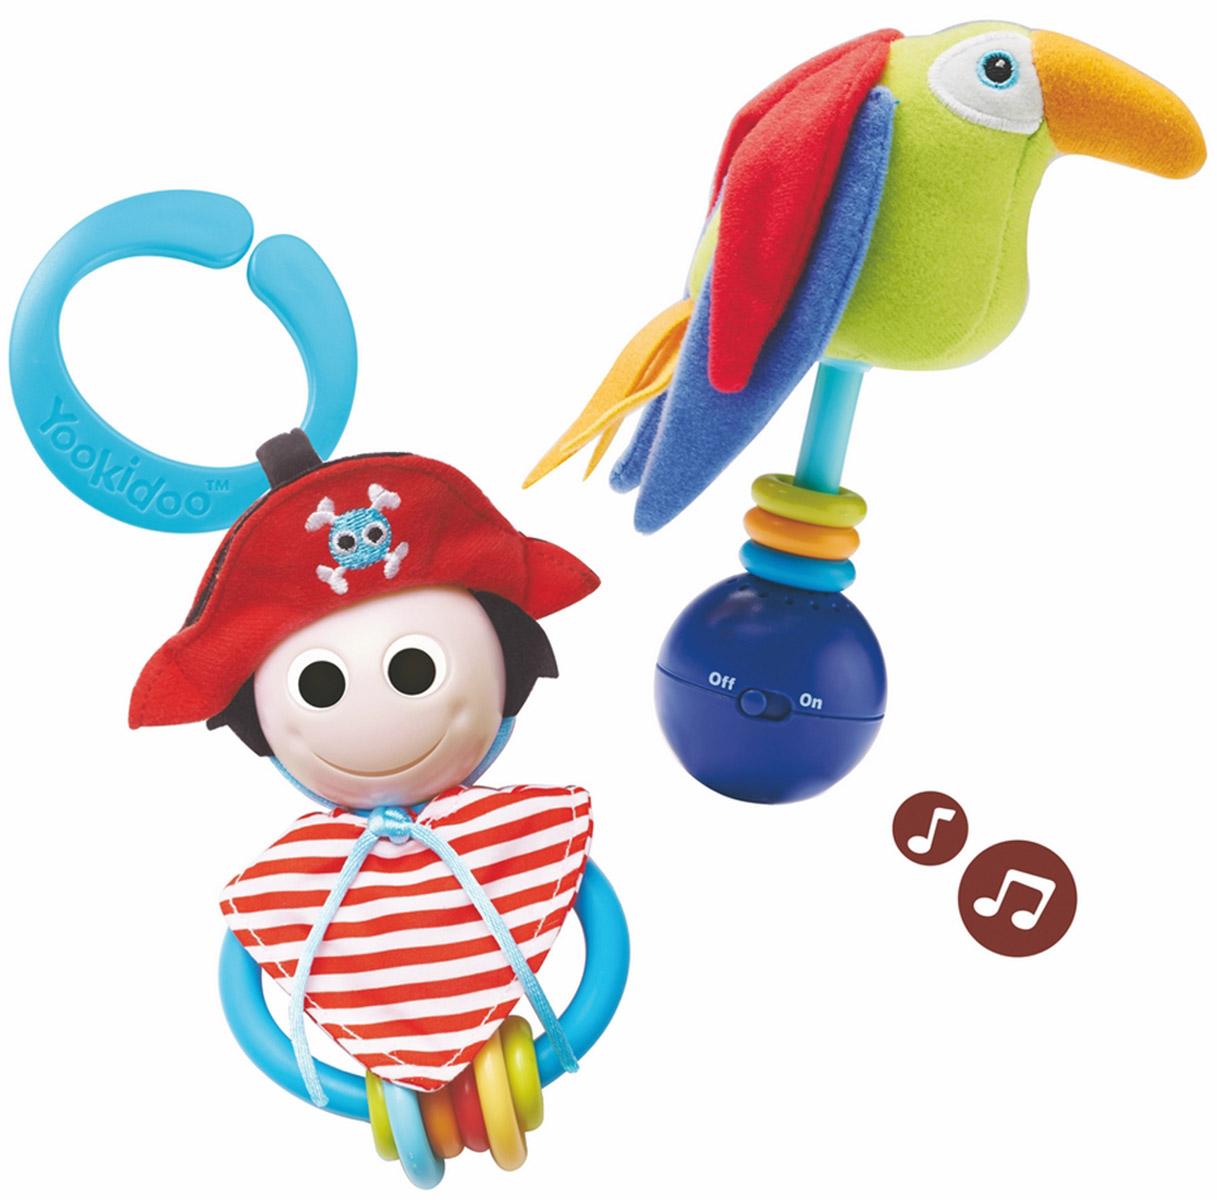 """Игровой набор """"Веселый пират"""", непременно, привлечет внимание вашего ребенка. Набор включает пирата, выполненного в виде погремушки с веселым личиком и шестью разноцветными колечками, и его музыкального друга попугая с шуршащими крыльями и тремя колечками. Попугай издает веселый свист, а при встряхивании или ударе его о поверхность, раздается приятная музыка. Также в набор входит пластиковое колечко, с помощью которого игрушки можно повесить над кроваткой или коляской. Набор способствует развитию звукового и слухового восприятия и мелкой моторики рук. Малыш с удовольствием будет играть в этот веселый набор! Характеристики: Материал: пластик, текстиль. Высота попугая: 12,5 см. Размер ковбоя: 8 см x 12,5 см x 5 см. Рекомендуемый возраст: от 0 месяцев. Размер упаковки: 19,5 см x 21 см x 8 см. Необходимо докупить 3 батареи мощностью 1,5V типа LR44 (не входят в комплект)."""